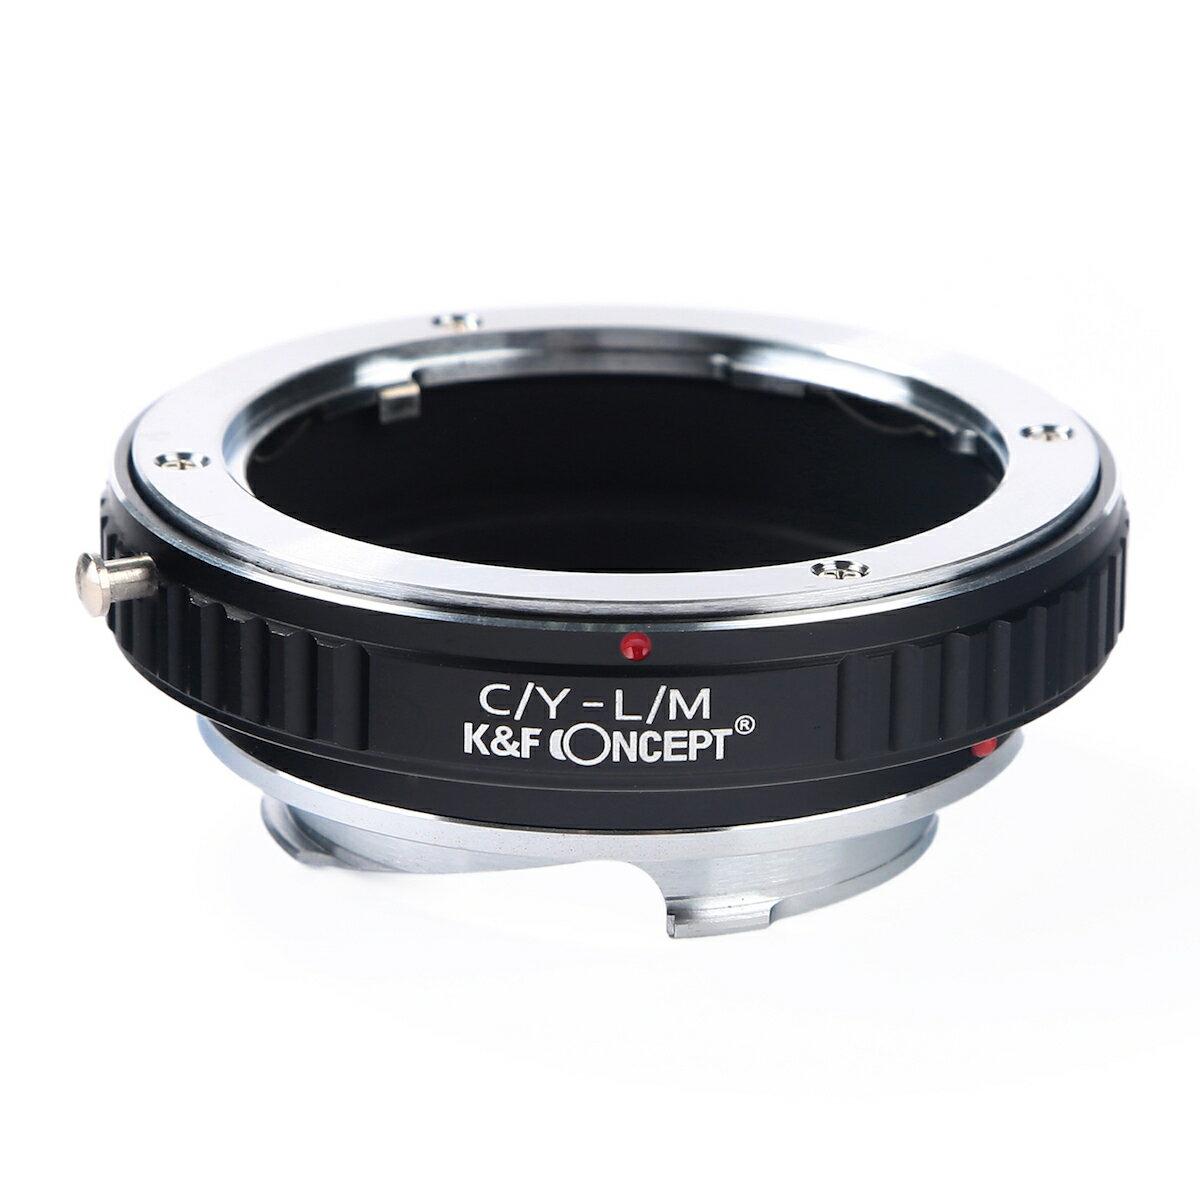 交換レンズ用アクセサリー, マウントアダプター KF Concept KF-CYM ( M